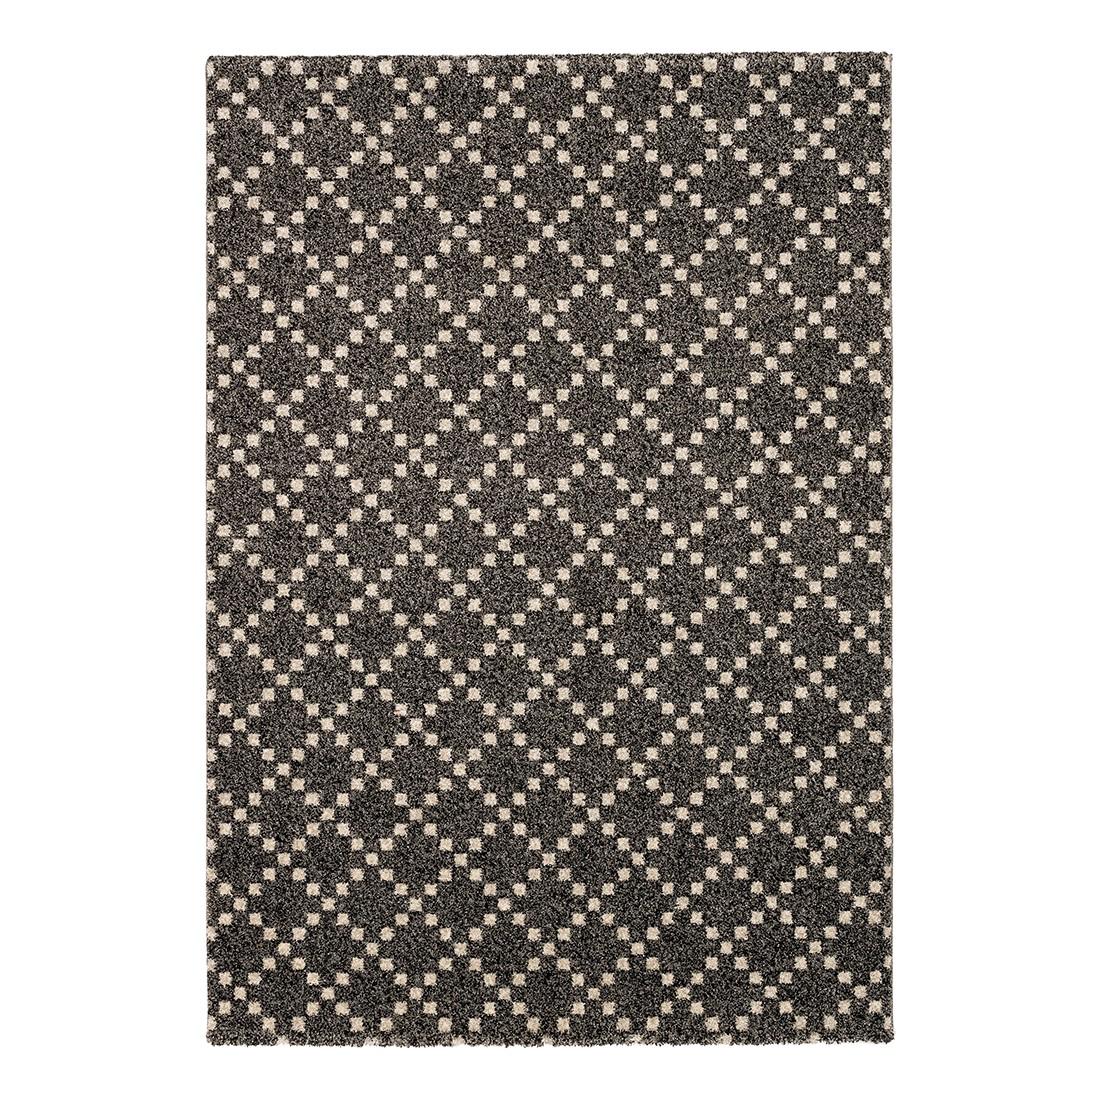 Teppich Davinci (Kästchen) – Schwarz – 160 x 230 cm, Schöner Wohnen Kollektion günstig kaufen